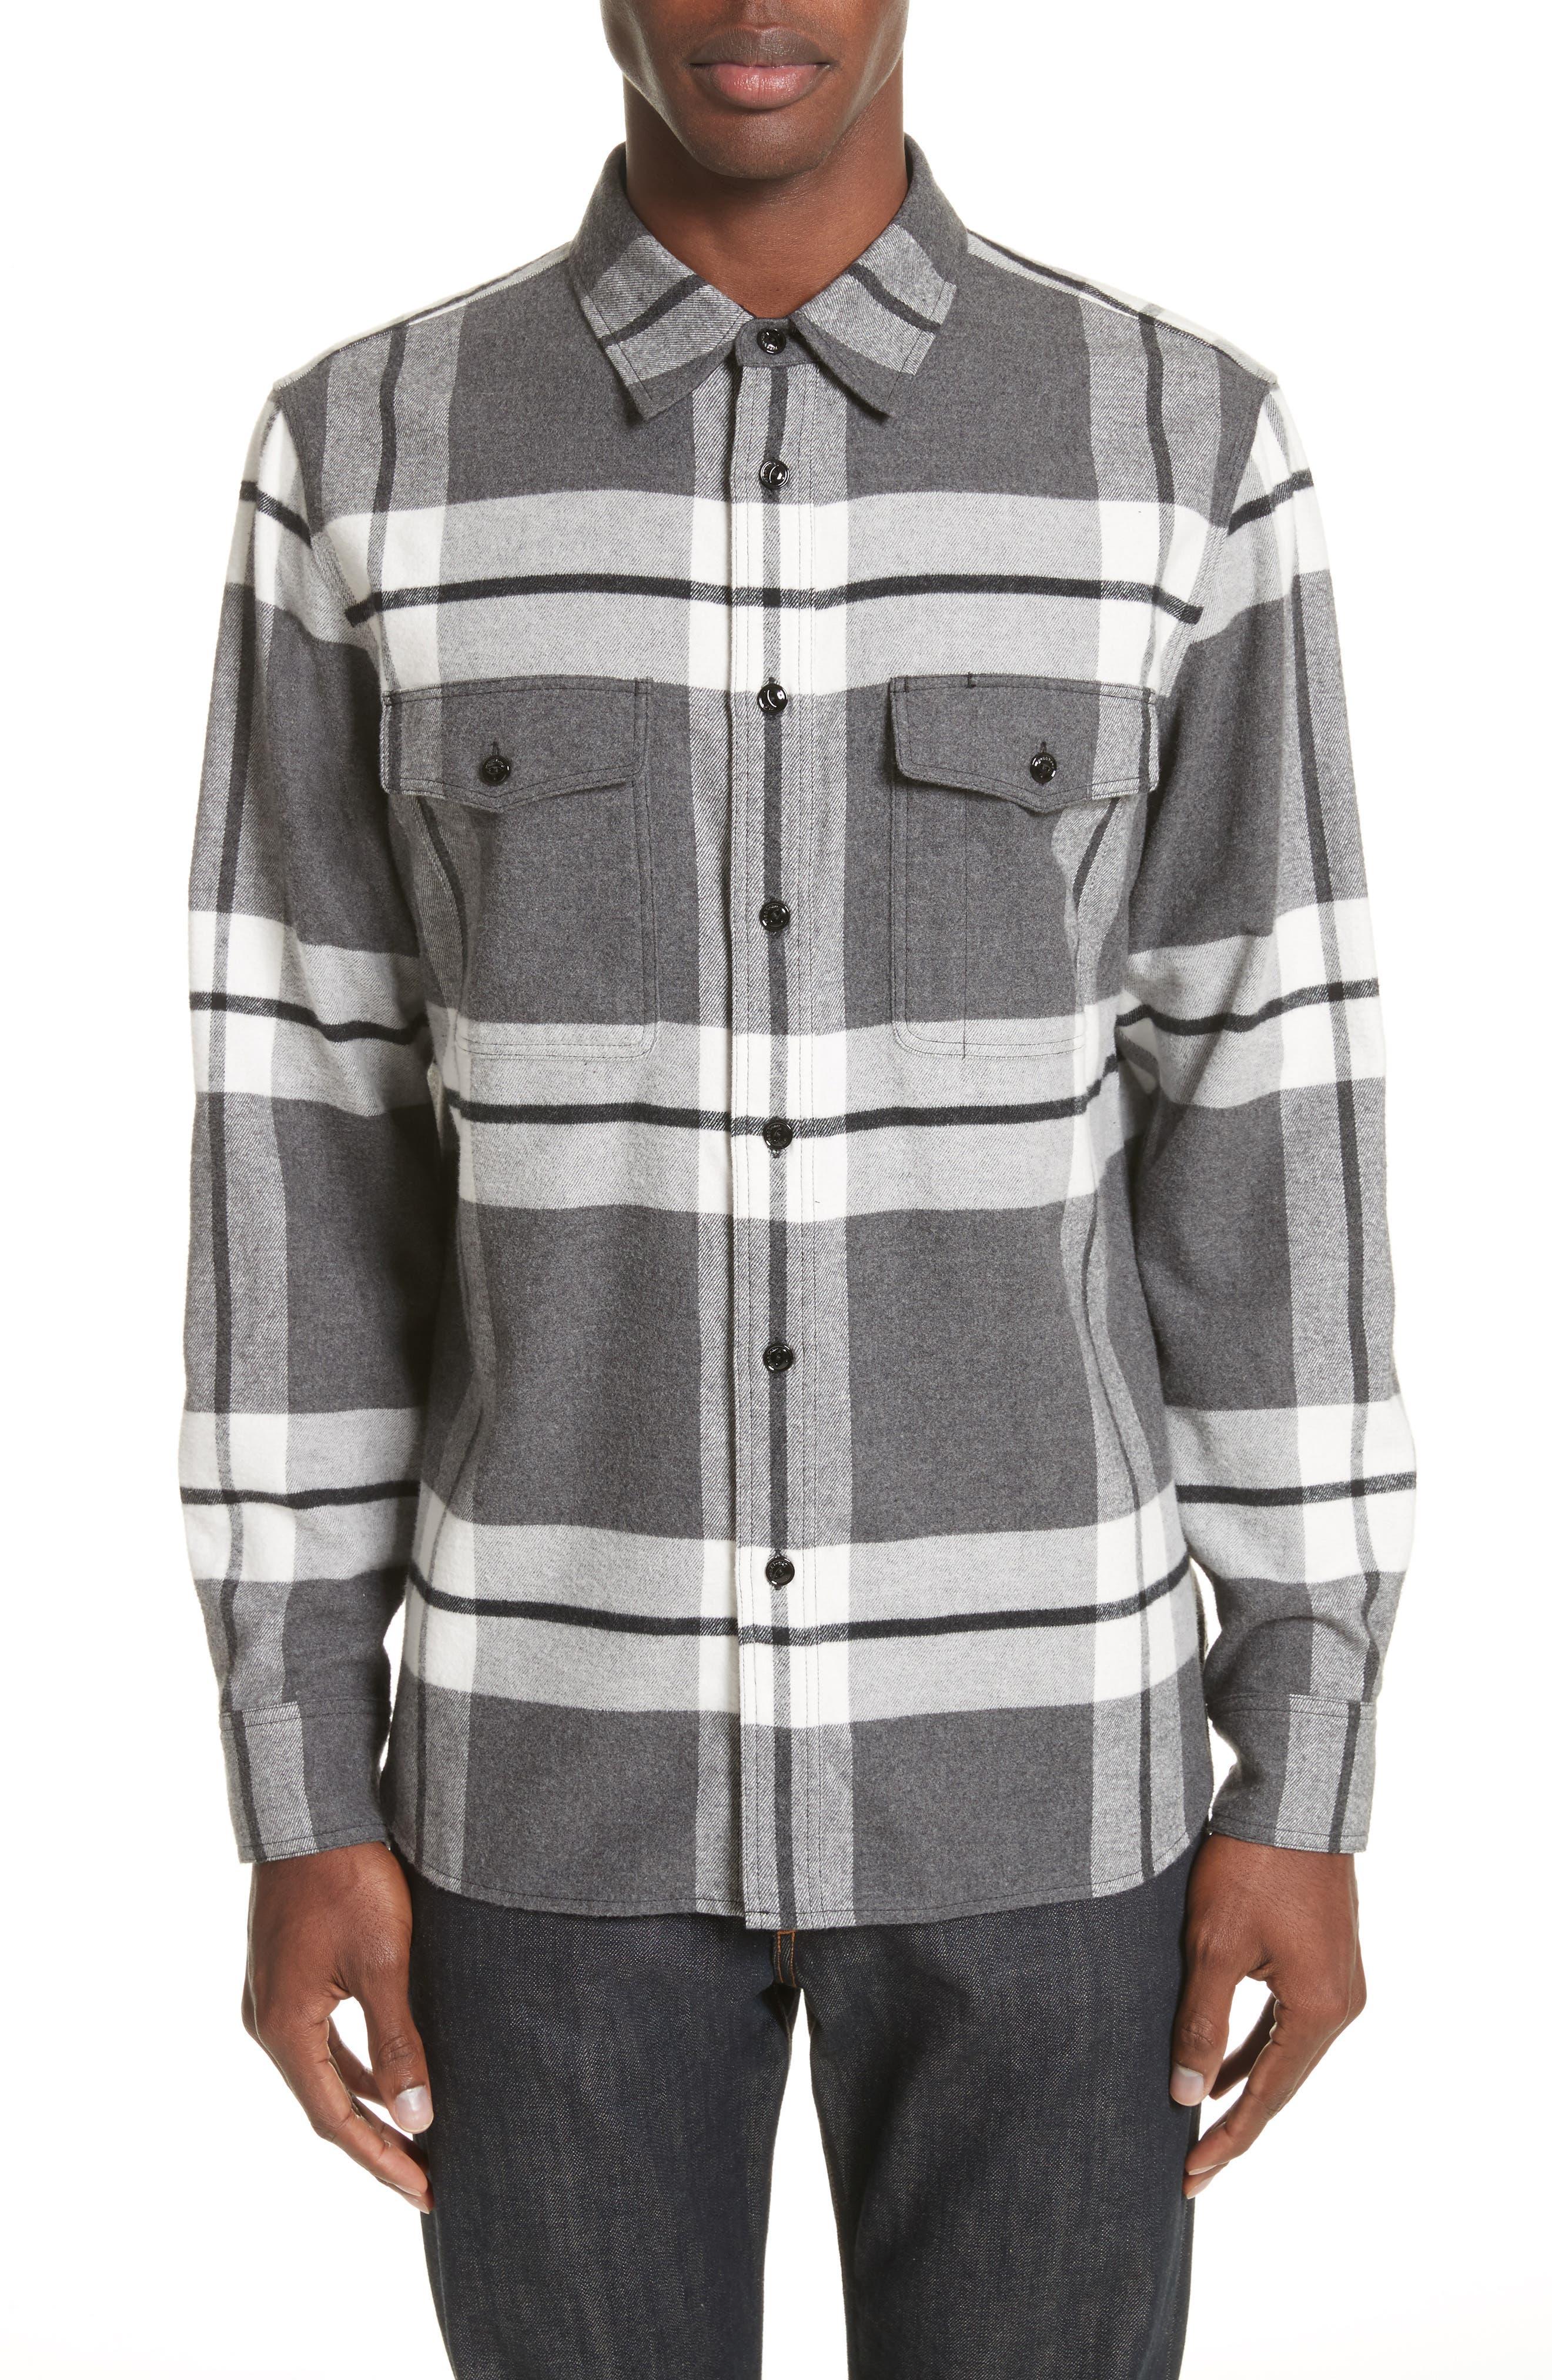 Main Image - rag & bbone Jack Plaid Shirt Jacket